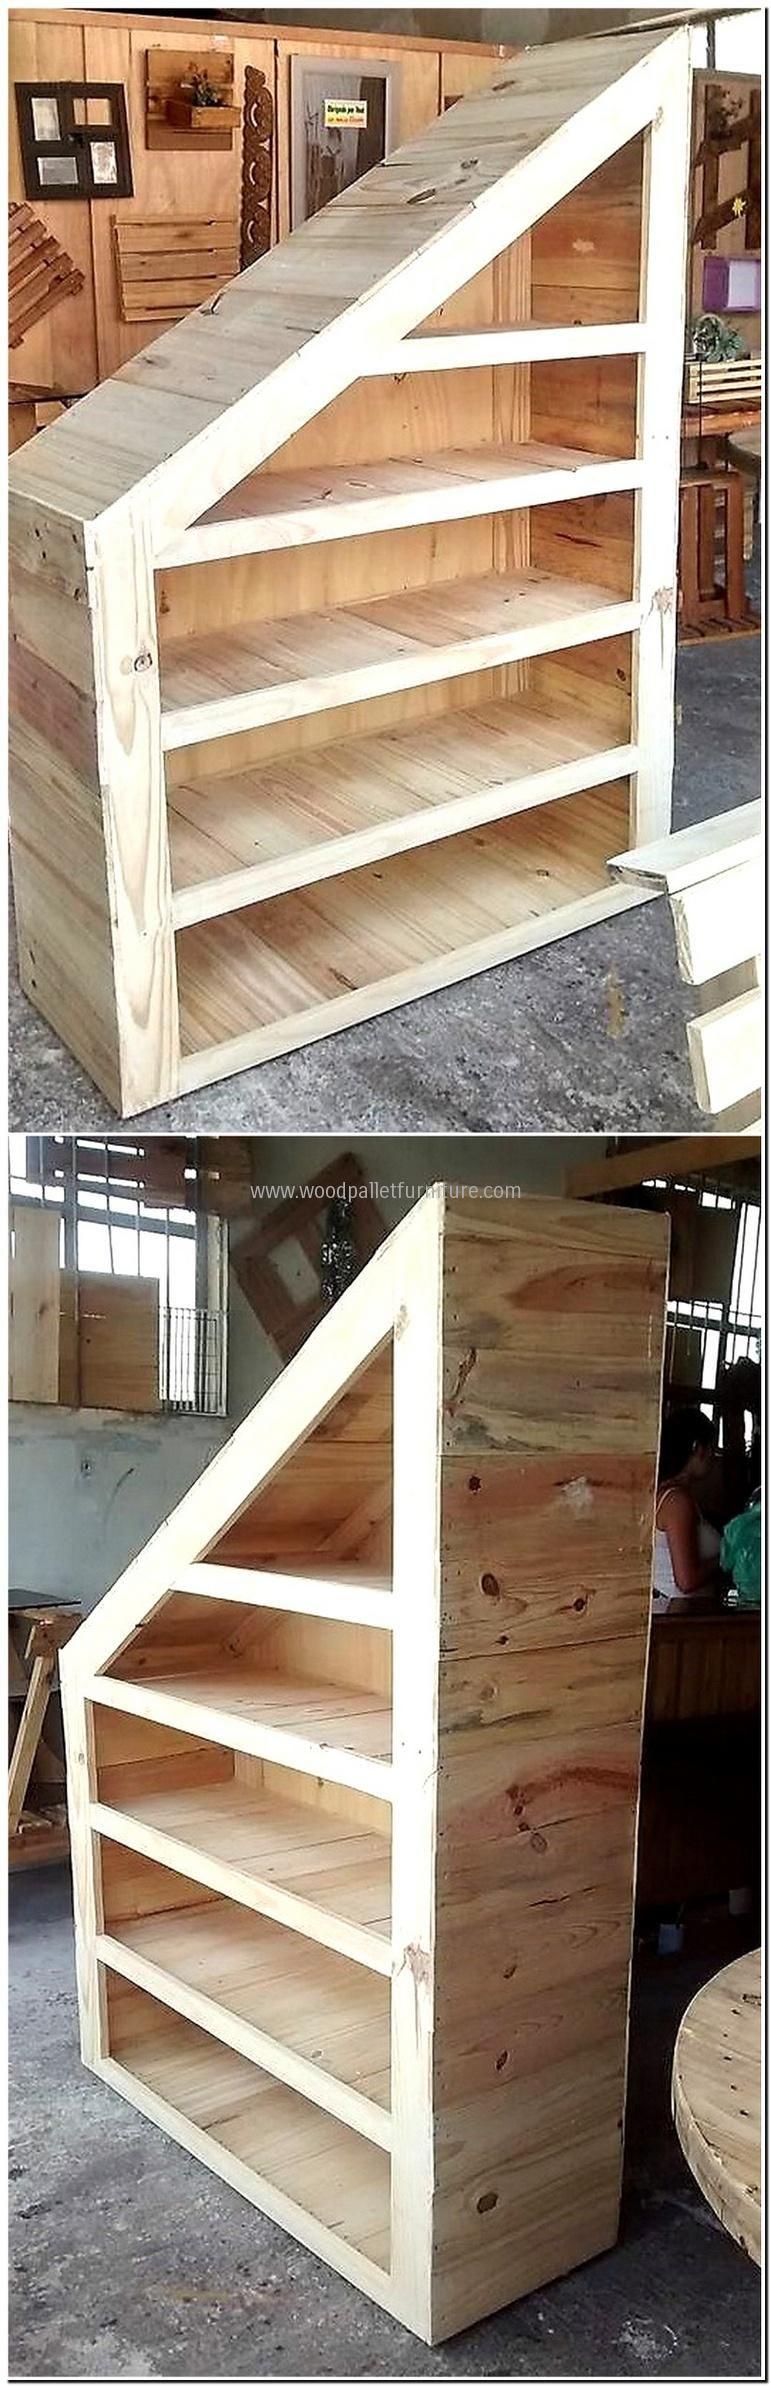 100 Ideas For Wood Pallet Recycling Meubles Palette Et Meuble  # Etagere Escalier Bois Palette